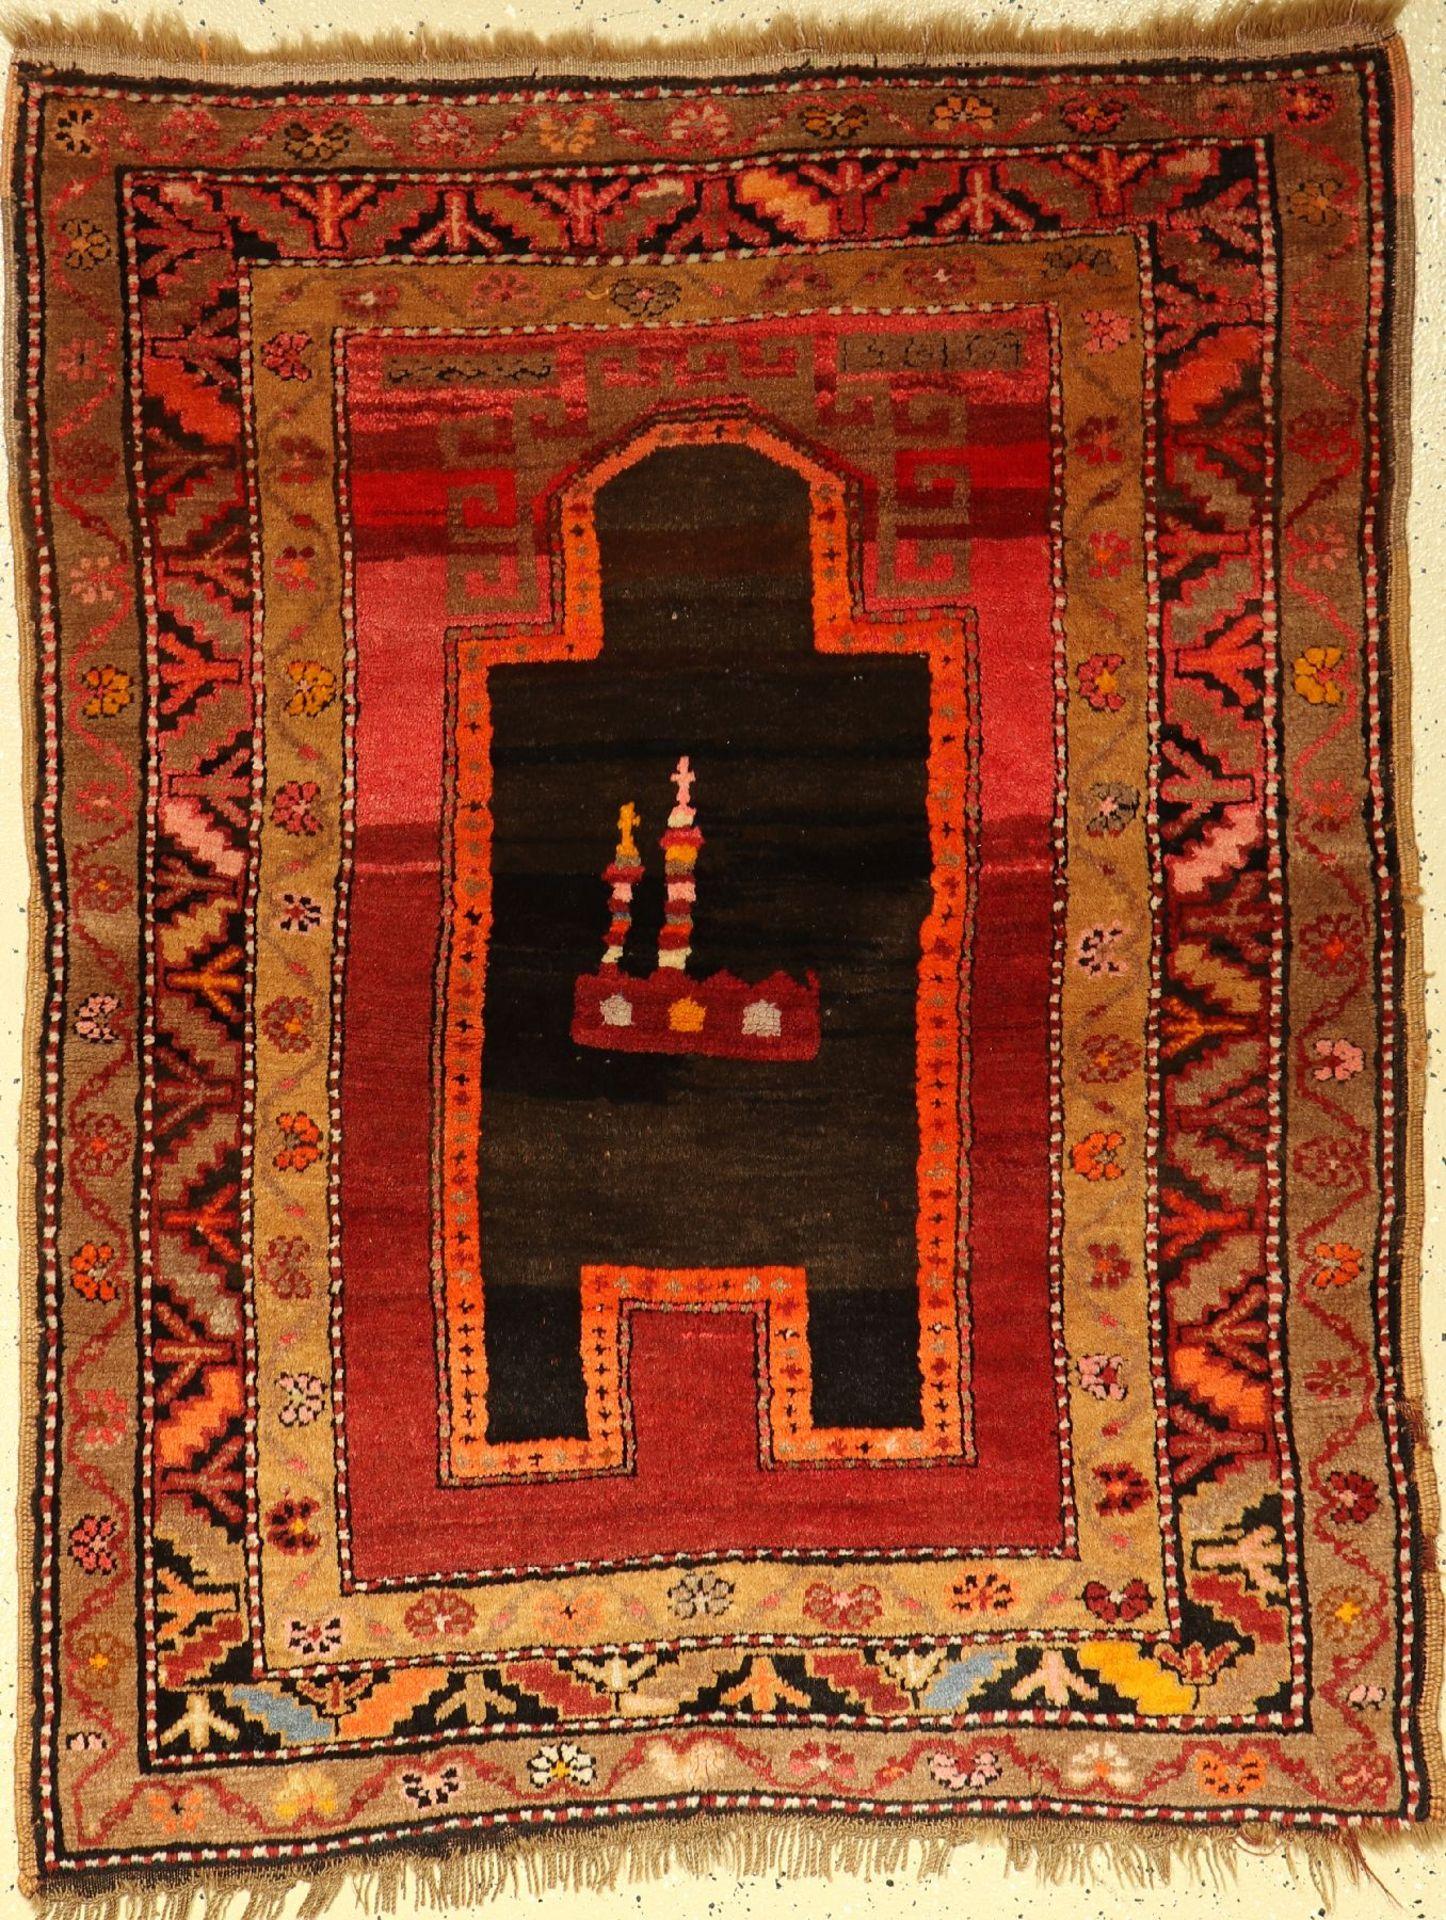 Karabagh Gebetsteppich alt, Kaukasus, um 1930, Wolle auf Wolle, ca. 140 x 98 cm, EHZ: 2-3